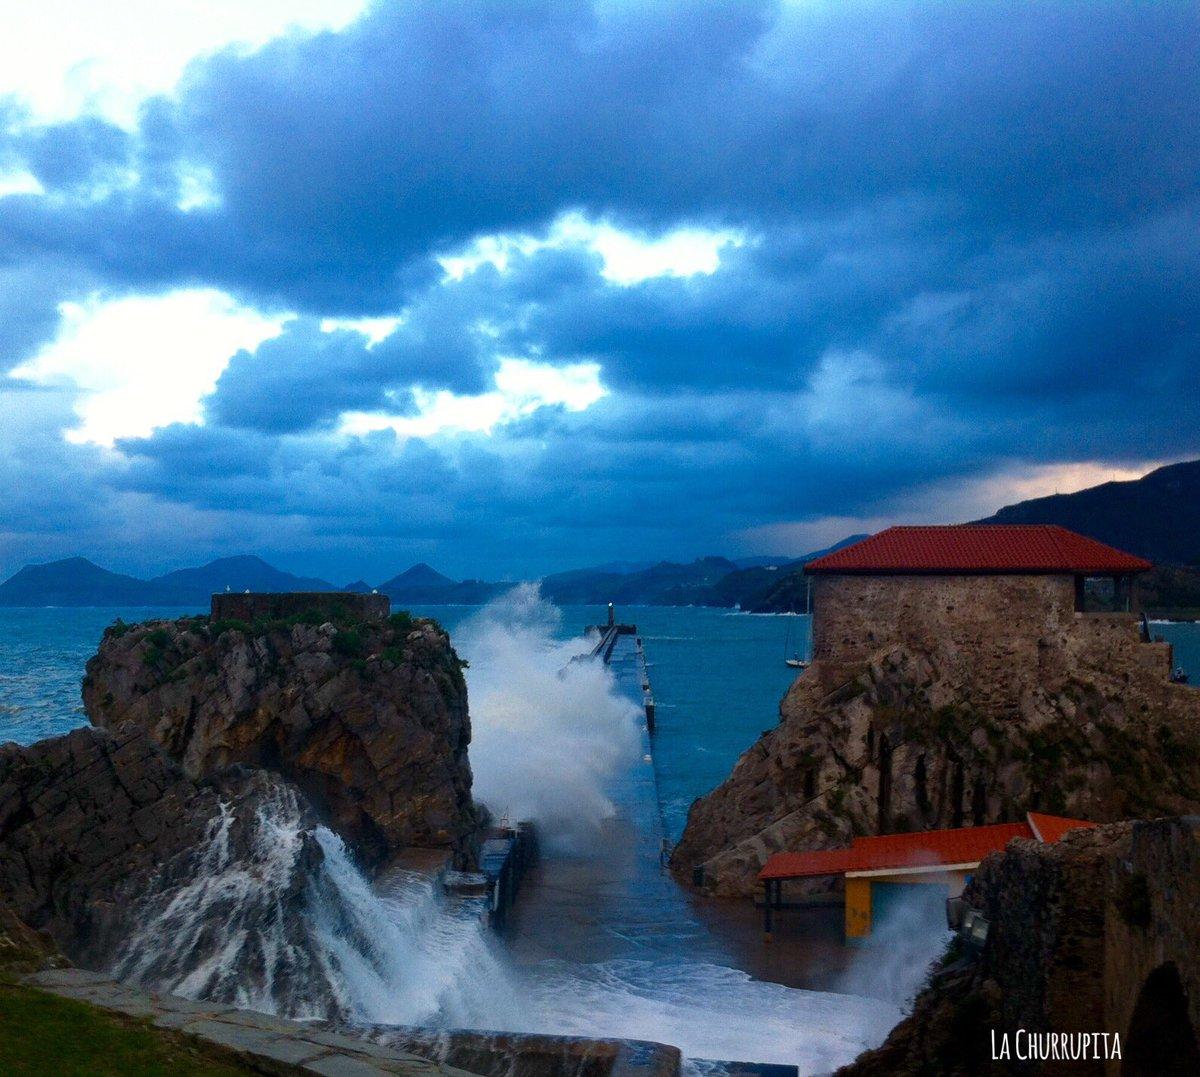 Con &quot;Malamar&quot; cielos raros y el arco iris, inaugurábamos esta tarde la temporada de olas y marejadas en #CastroUrdiales #Cantabria <br>http://pic.twitter.com/w738SNYyCQ